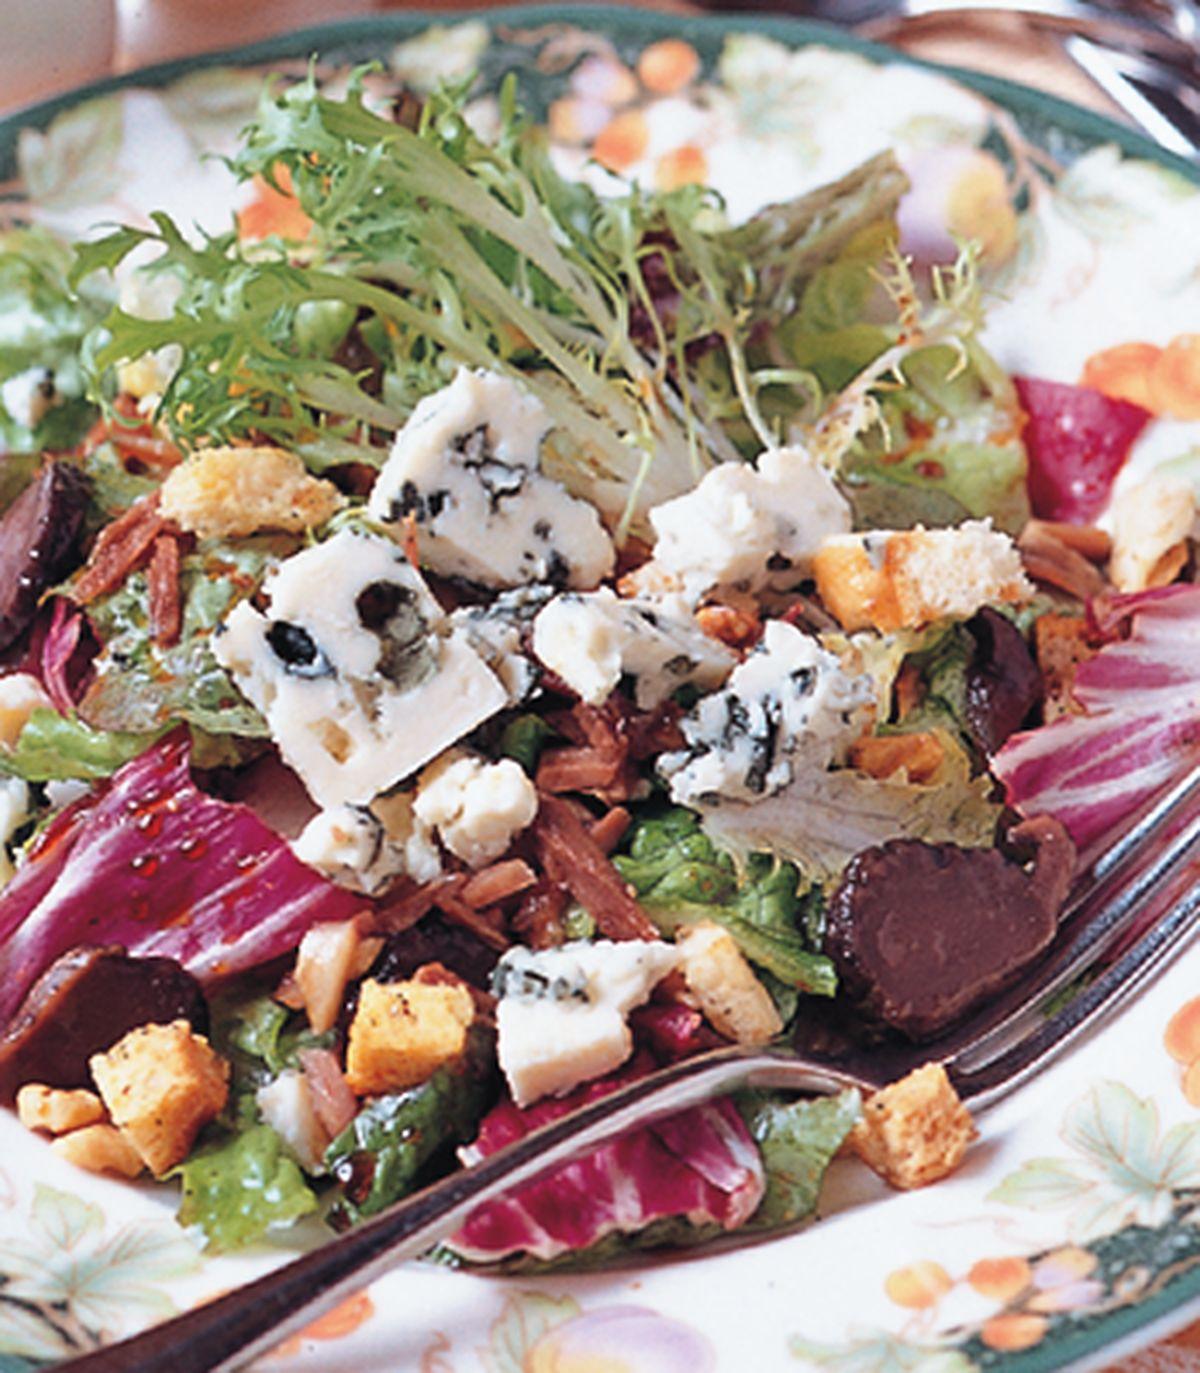 食譜:朗地家鄉野菜沙拉